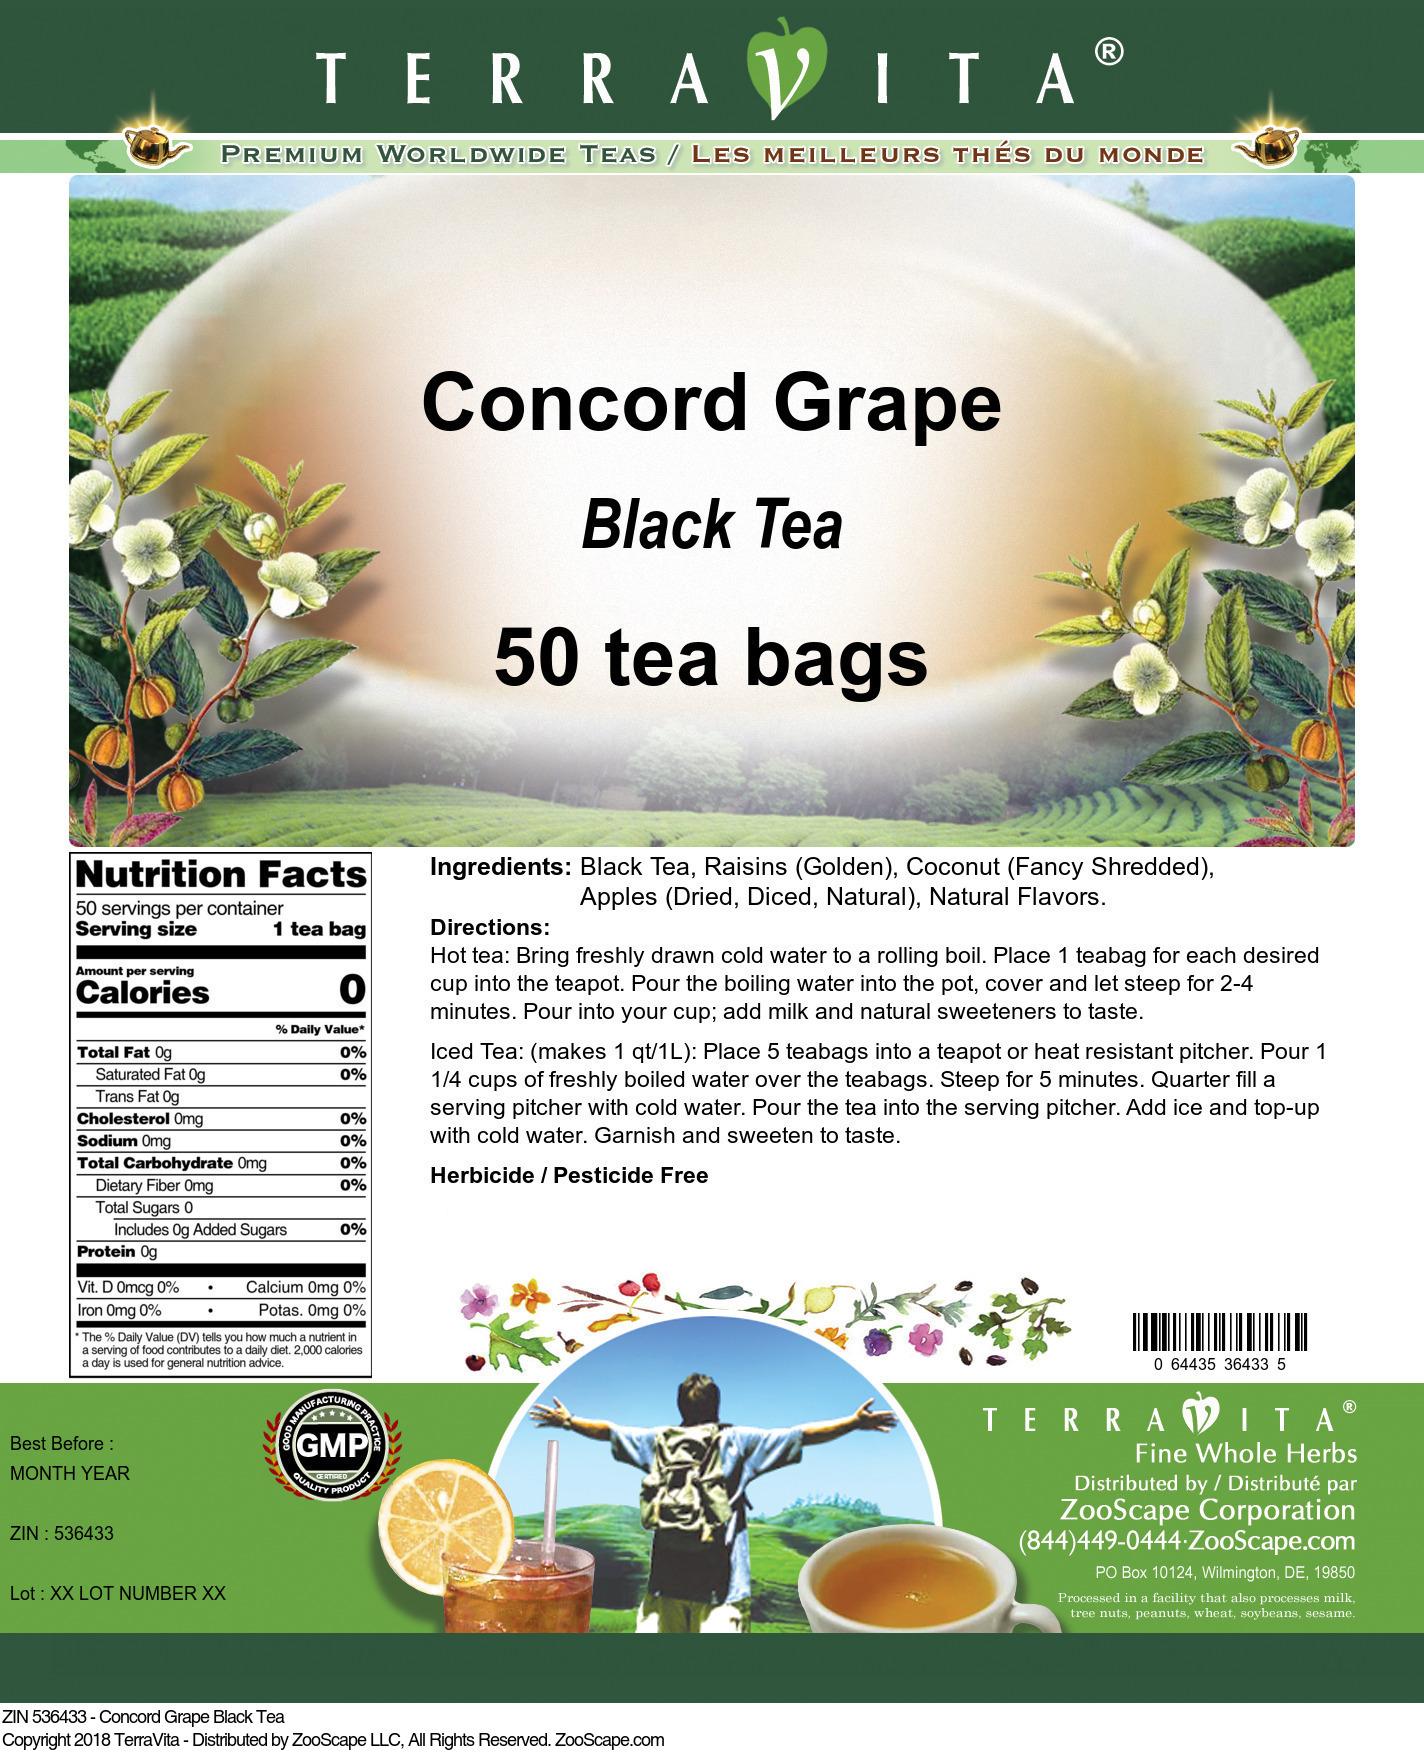 Concord Grape Black Tea